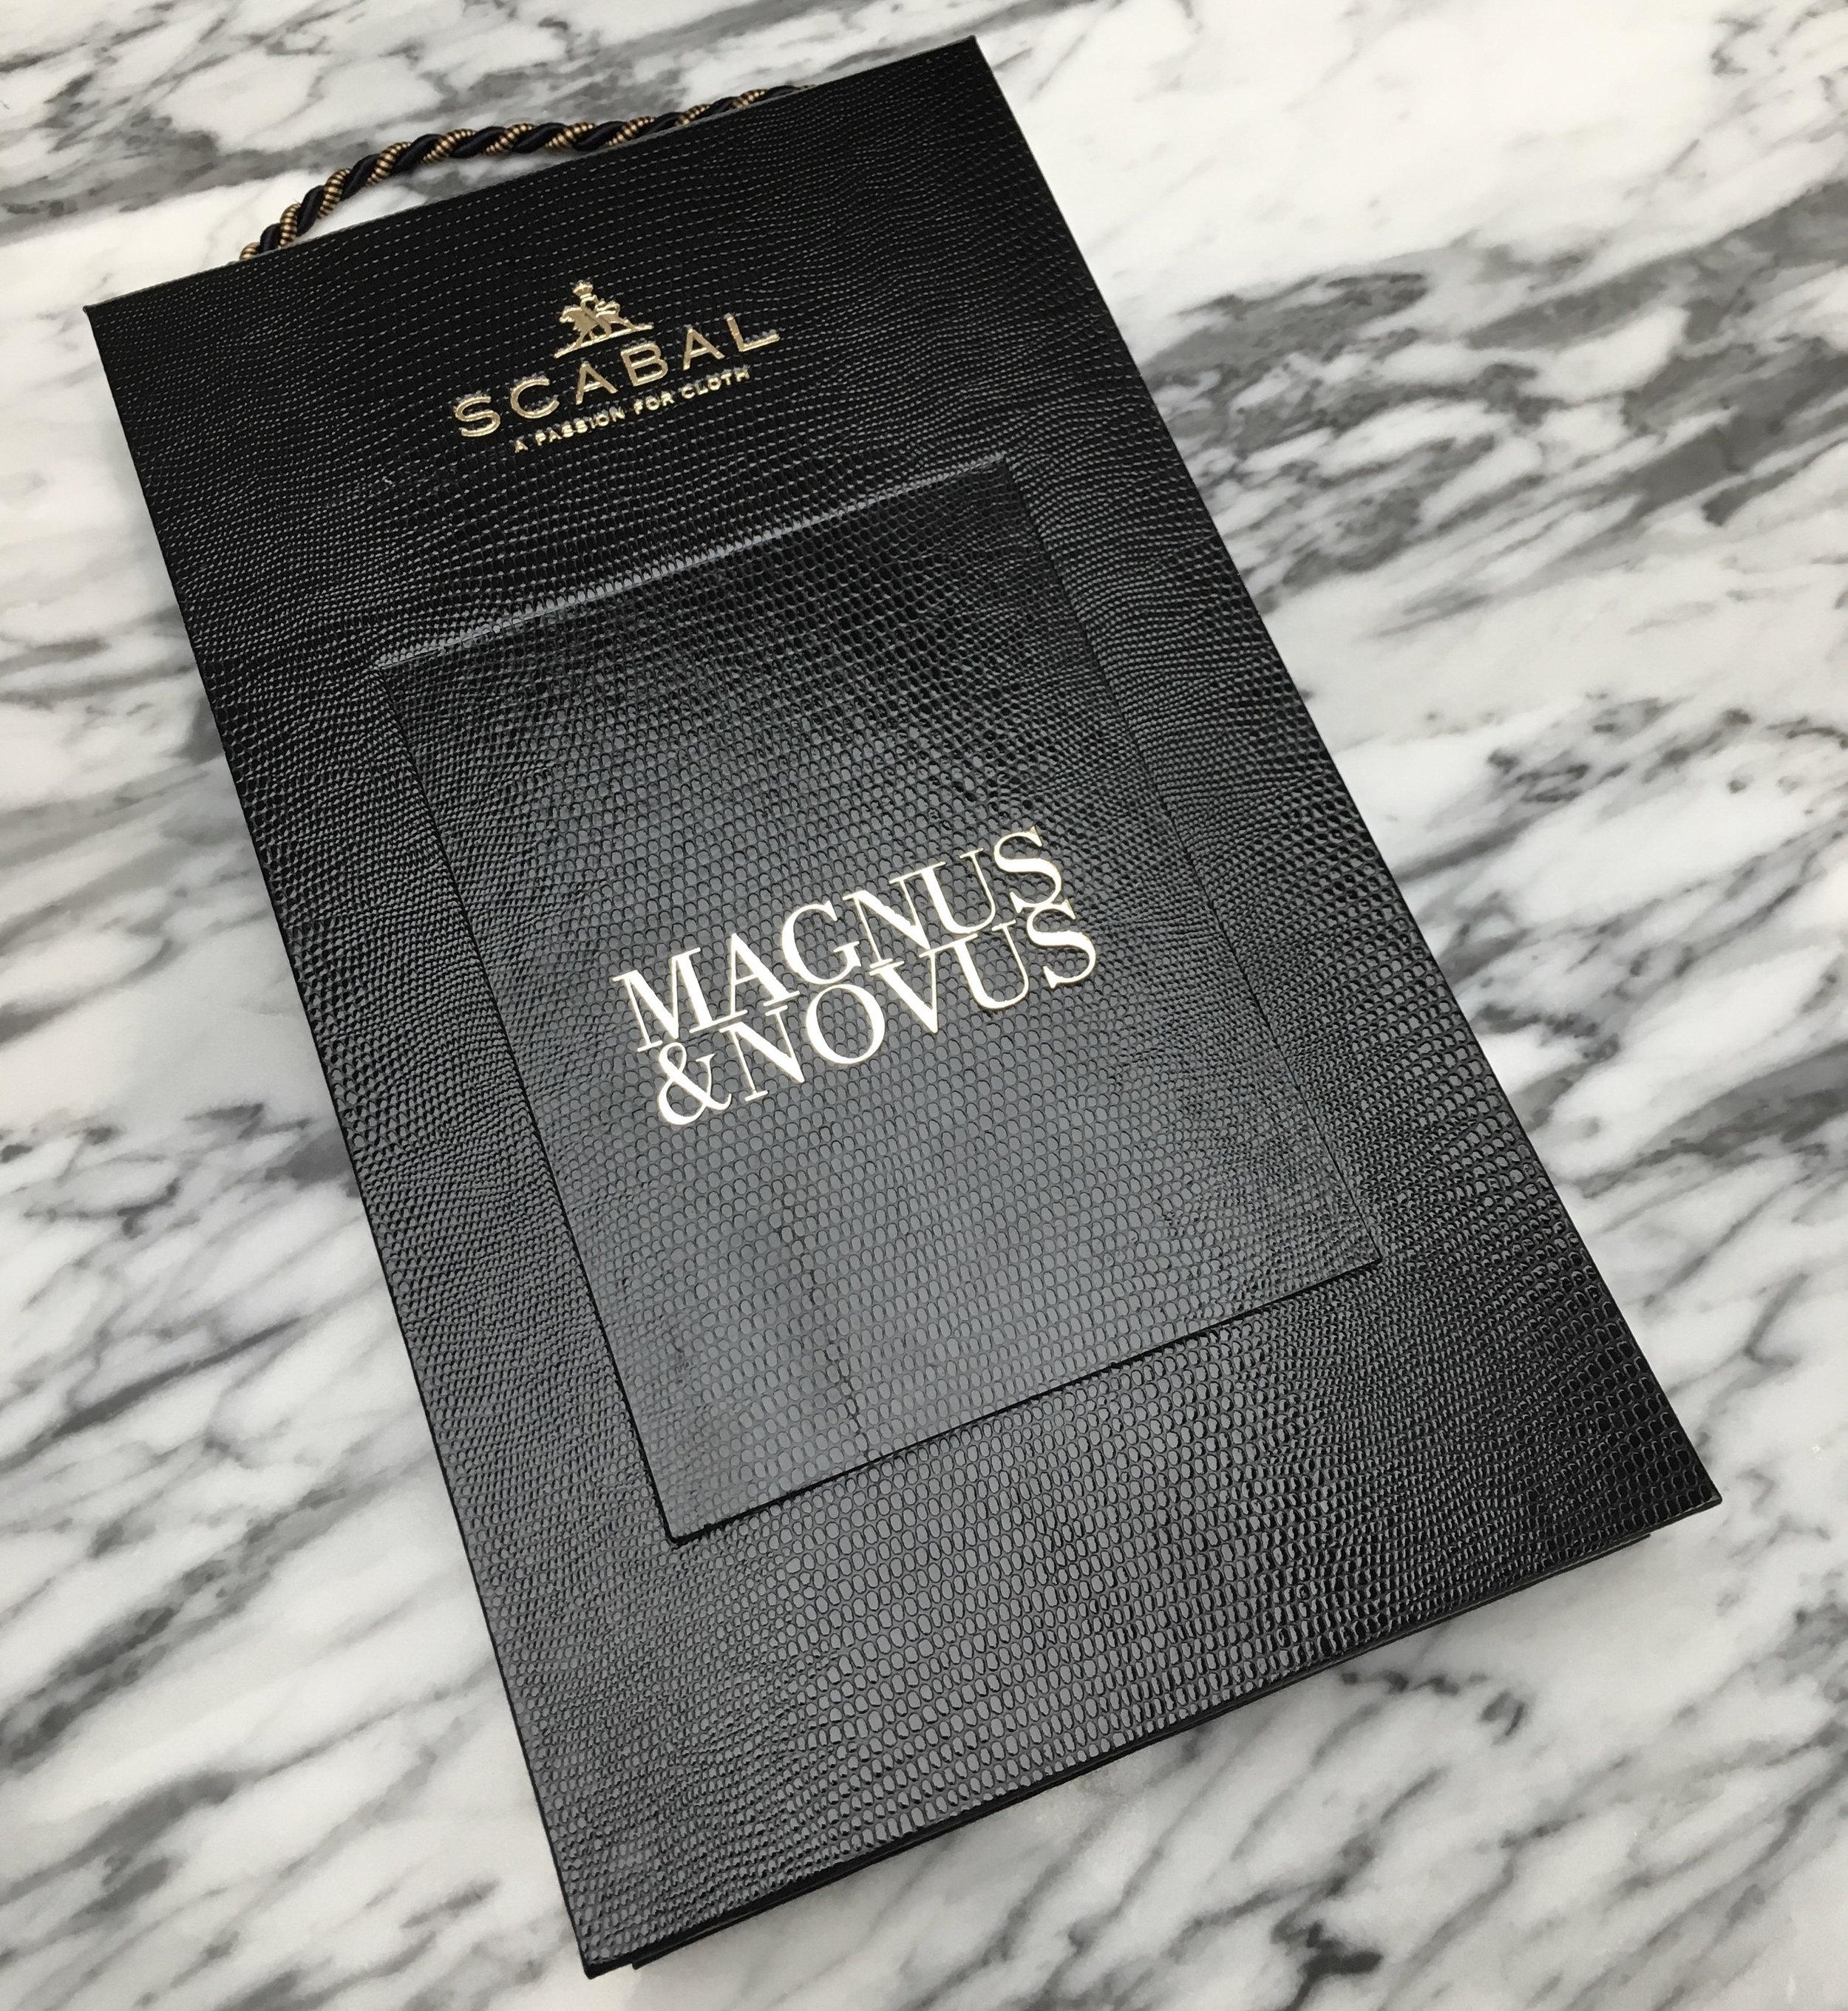 MAGNUS & NOVUS X SCABAL